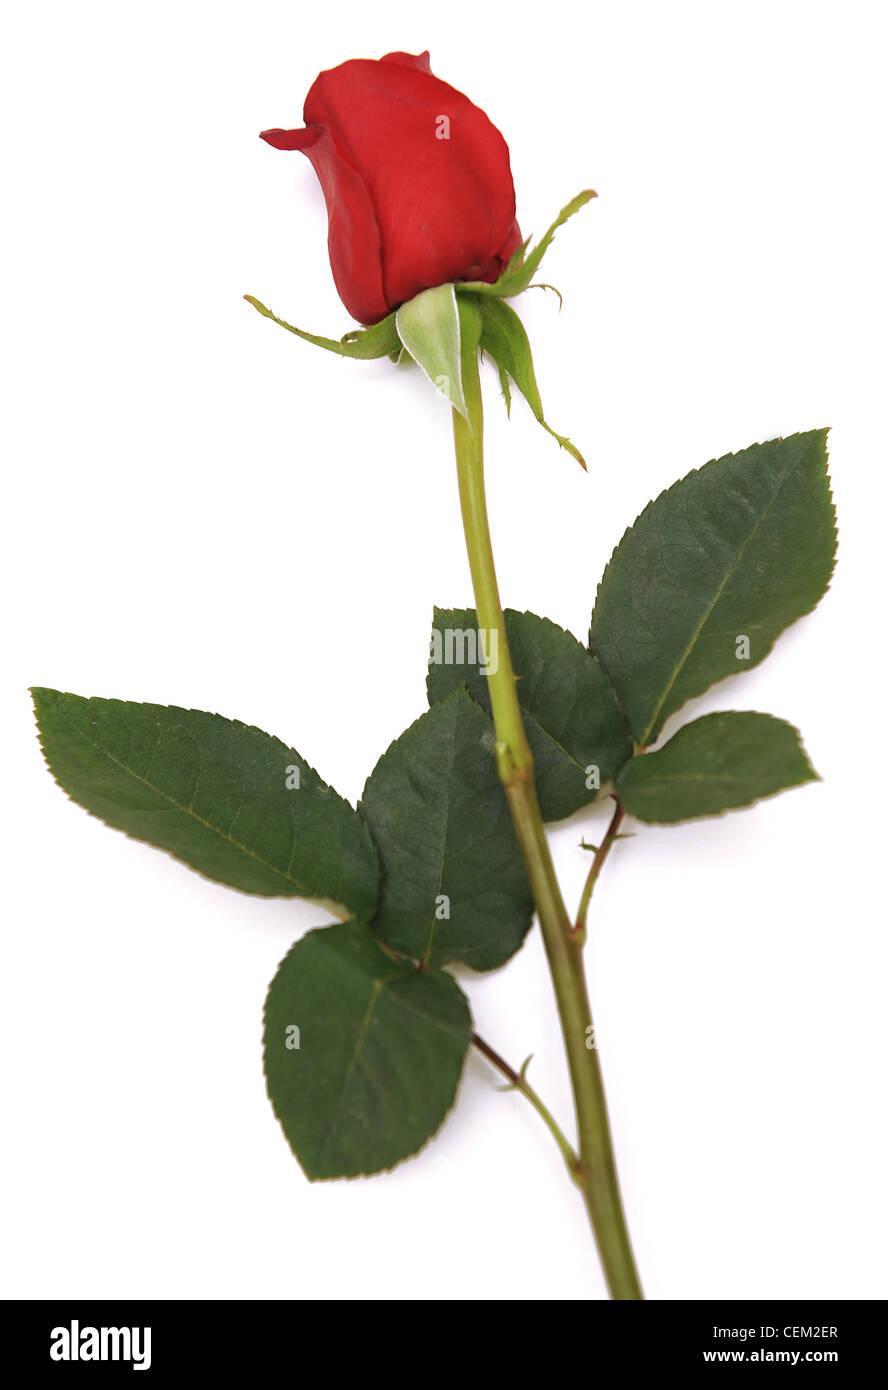 Encore une image de la vie de rose rouge avec une longue - Rose avec tige ...